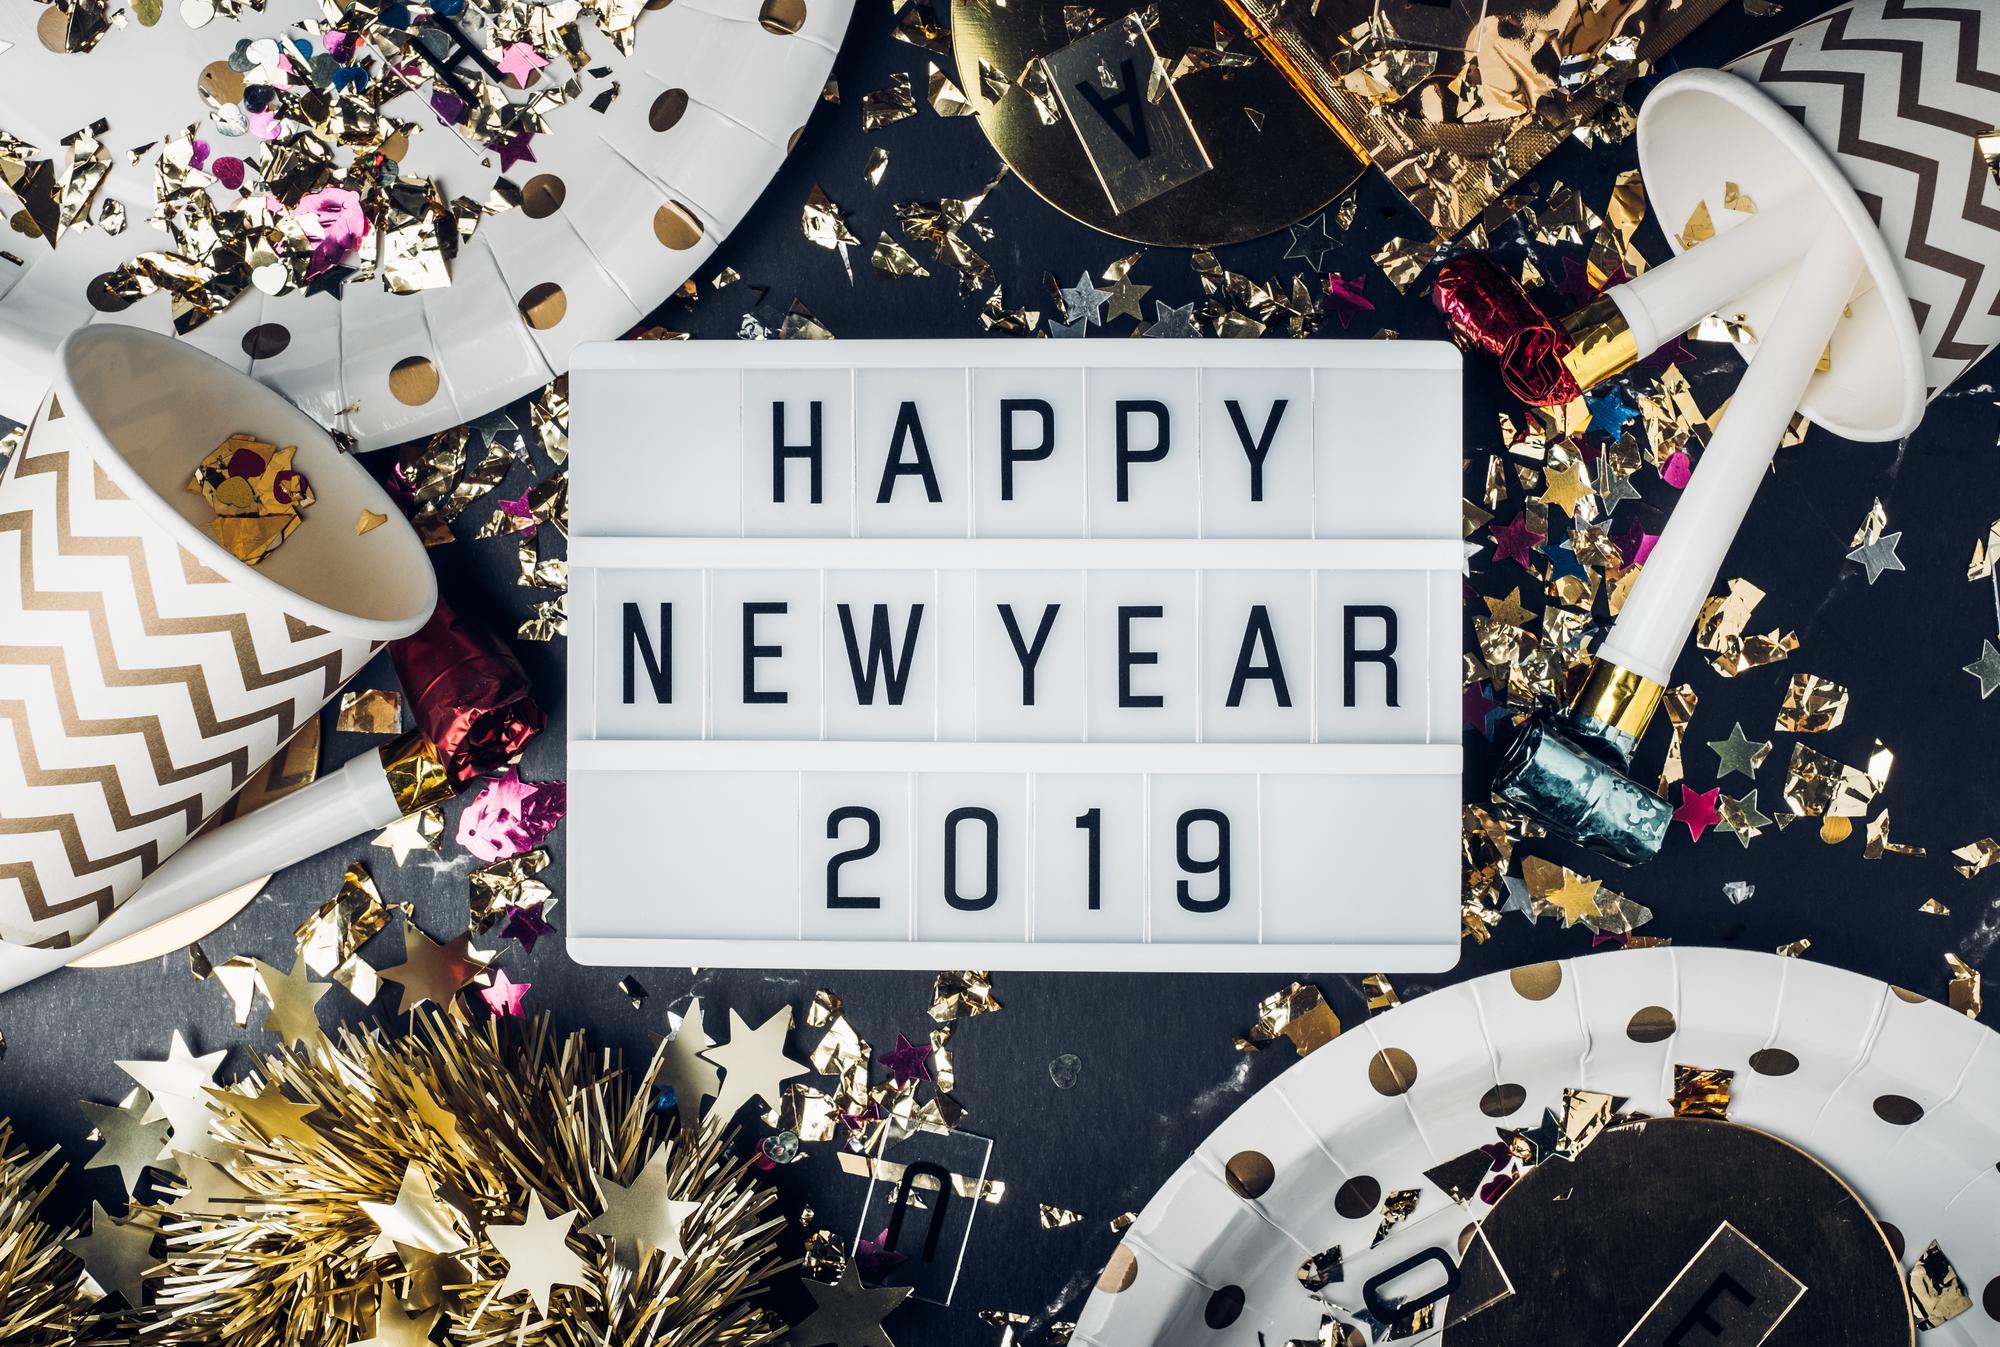 新年会 2019年|開催時期や司会進行、乾杯の挨拶に余興など…悩みは年の瀬までに解決しましょう◎